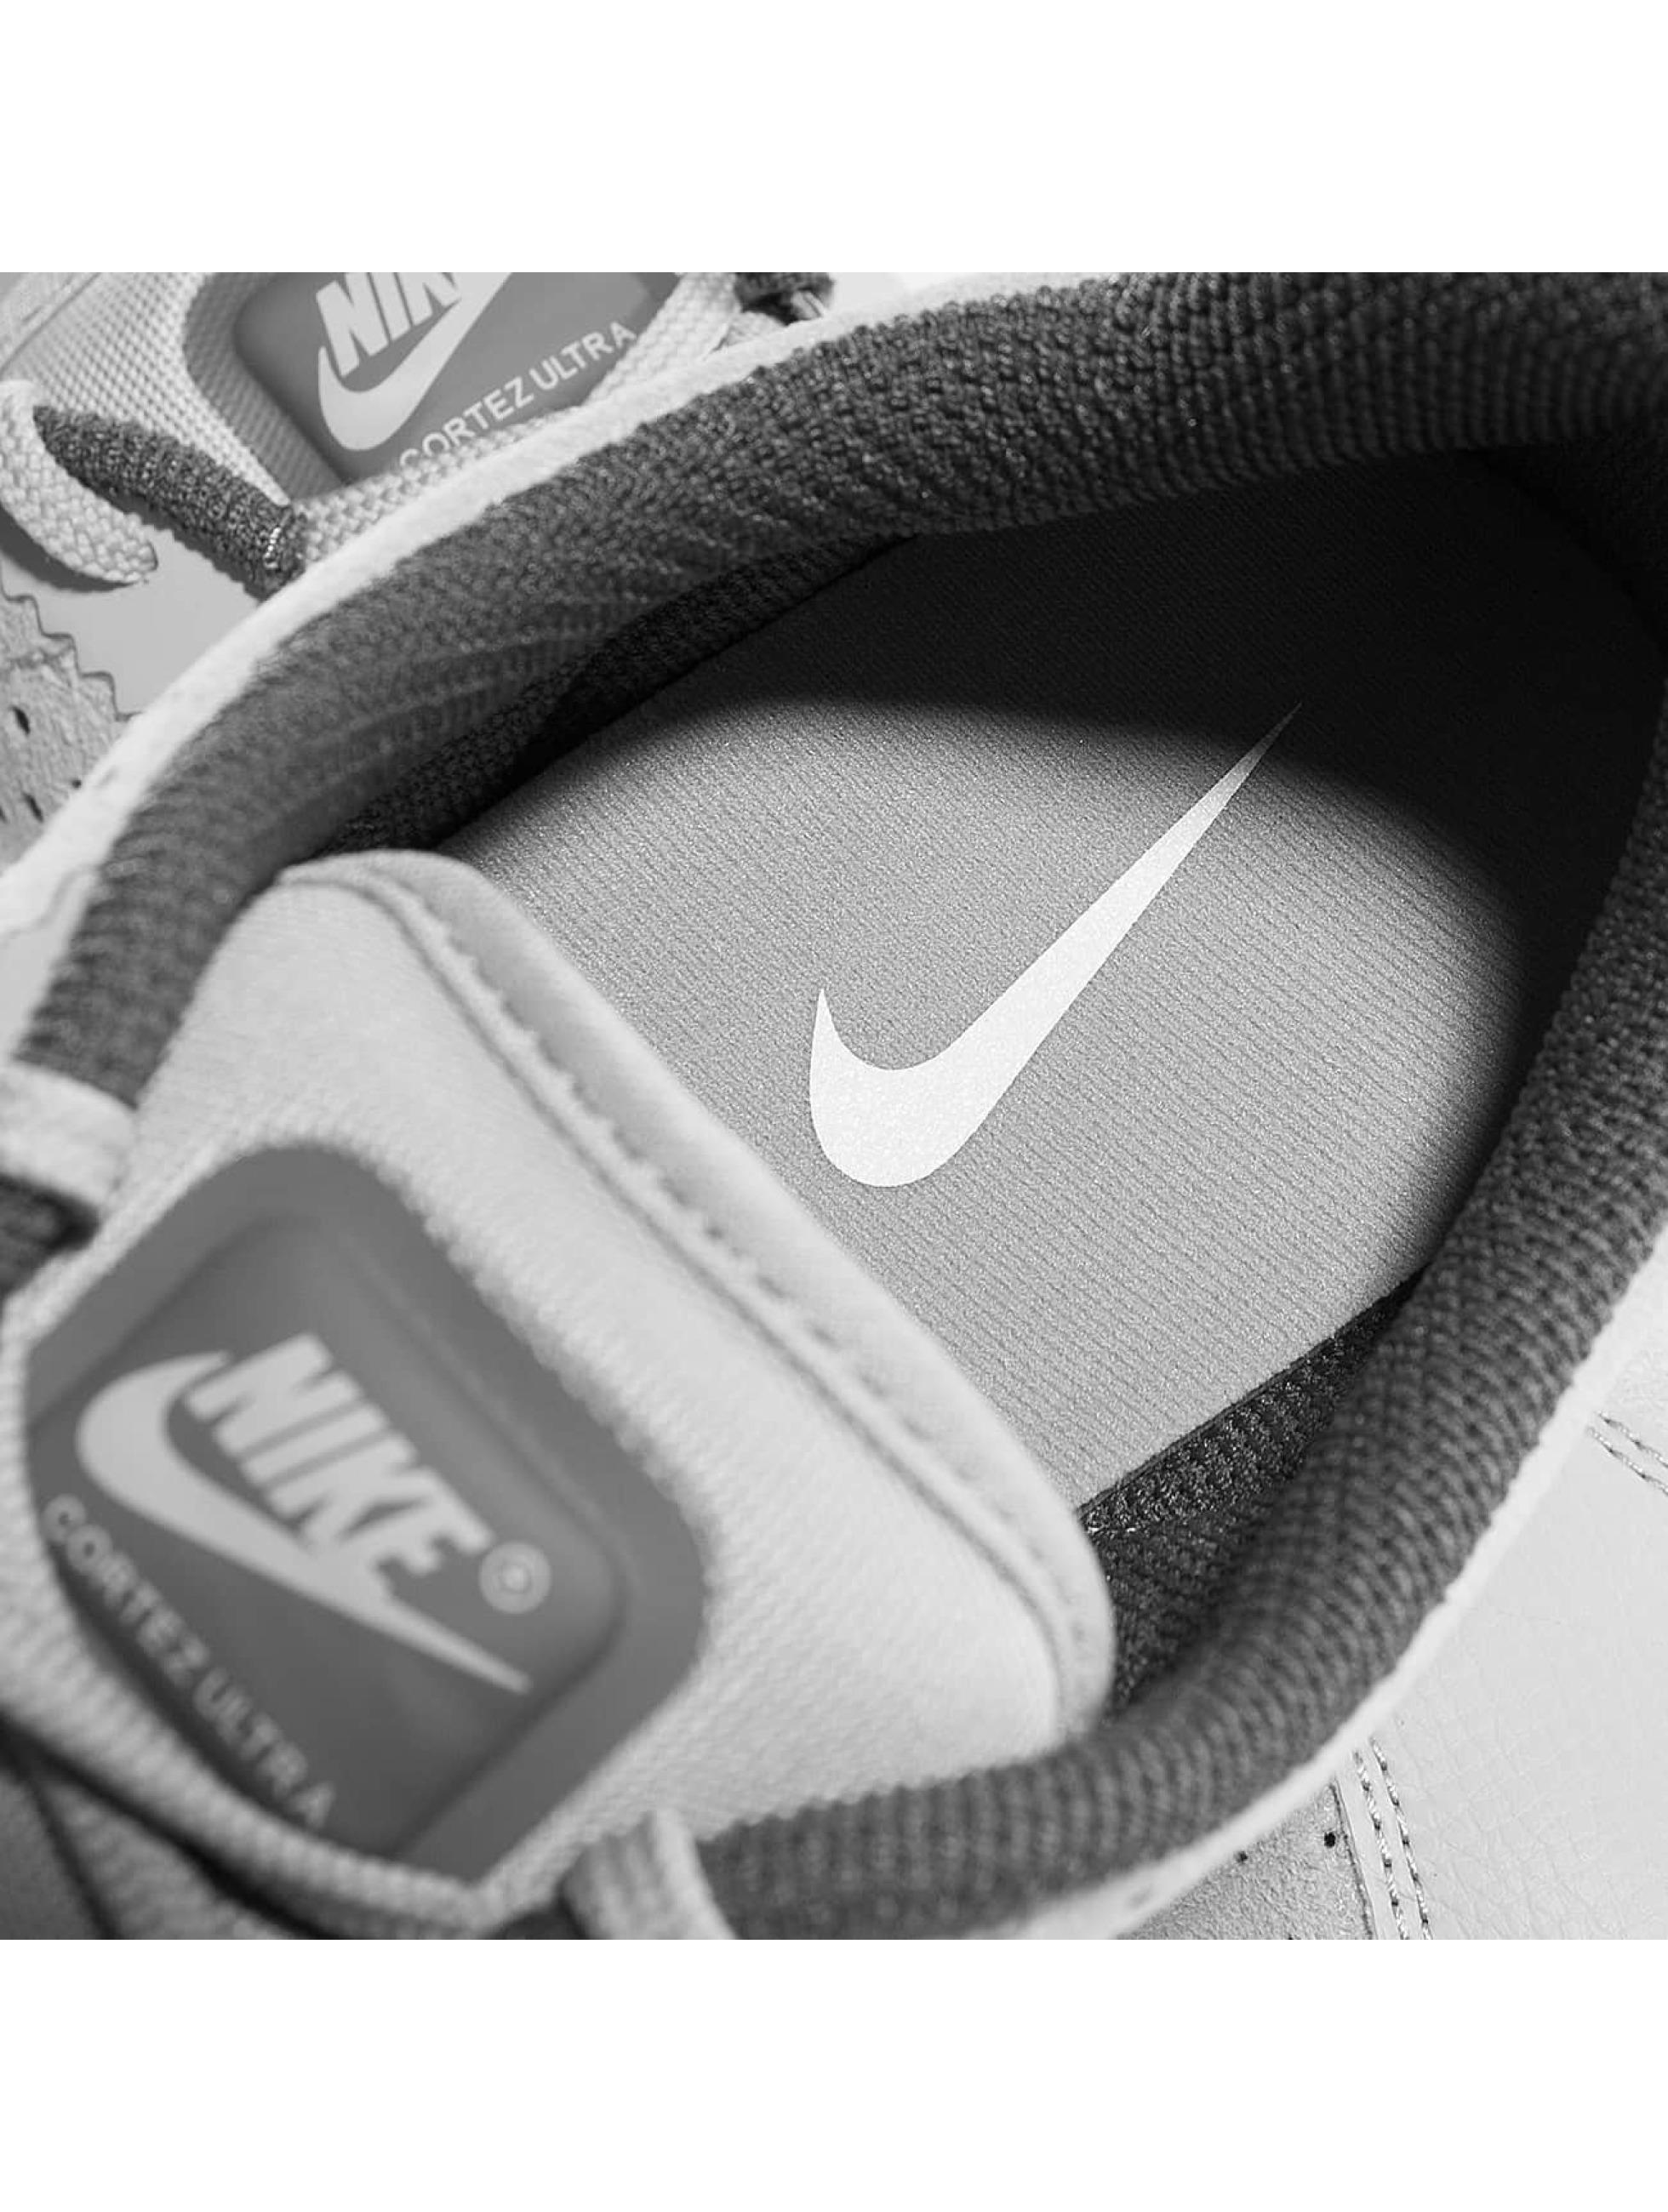 Nike Sneakers Cortez Ultra Moire 2 šedá